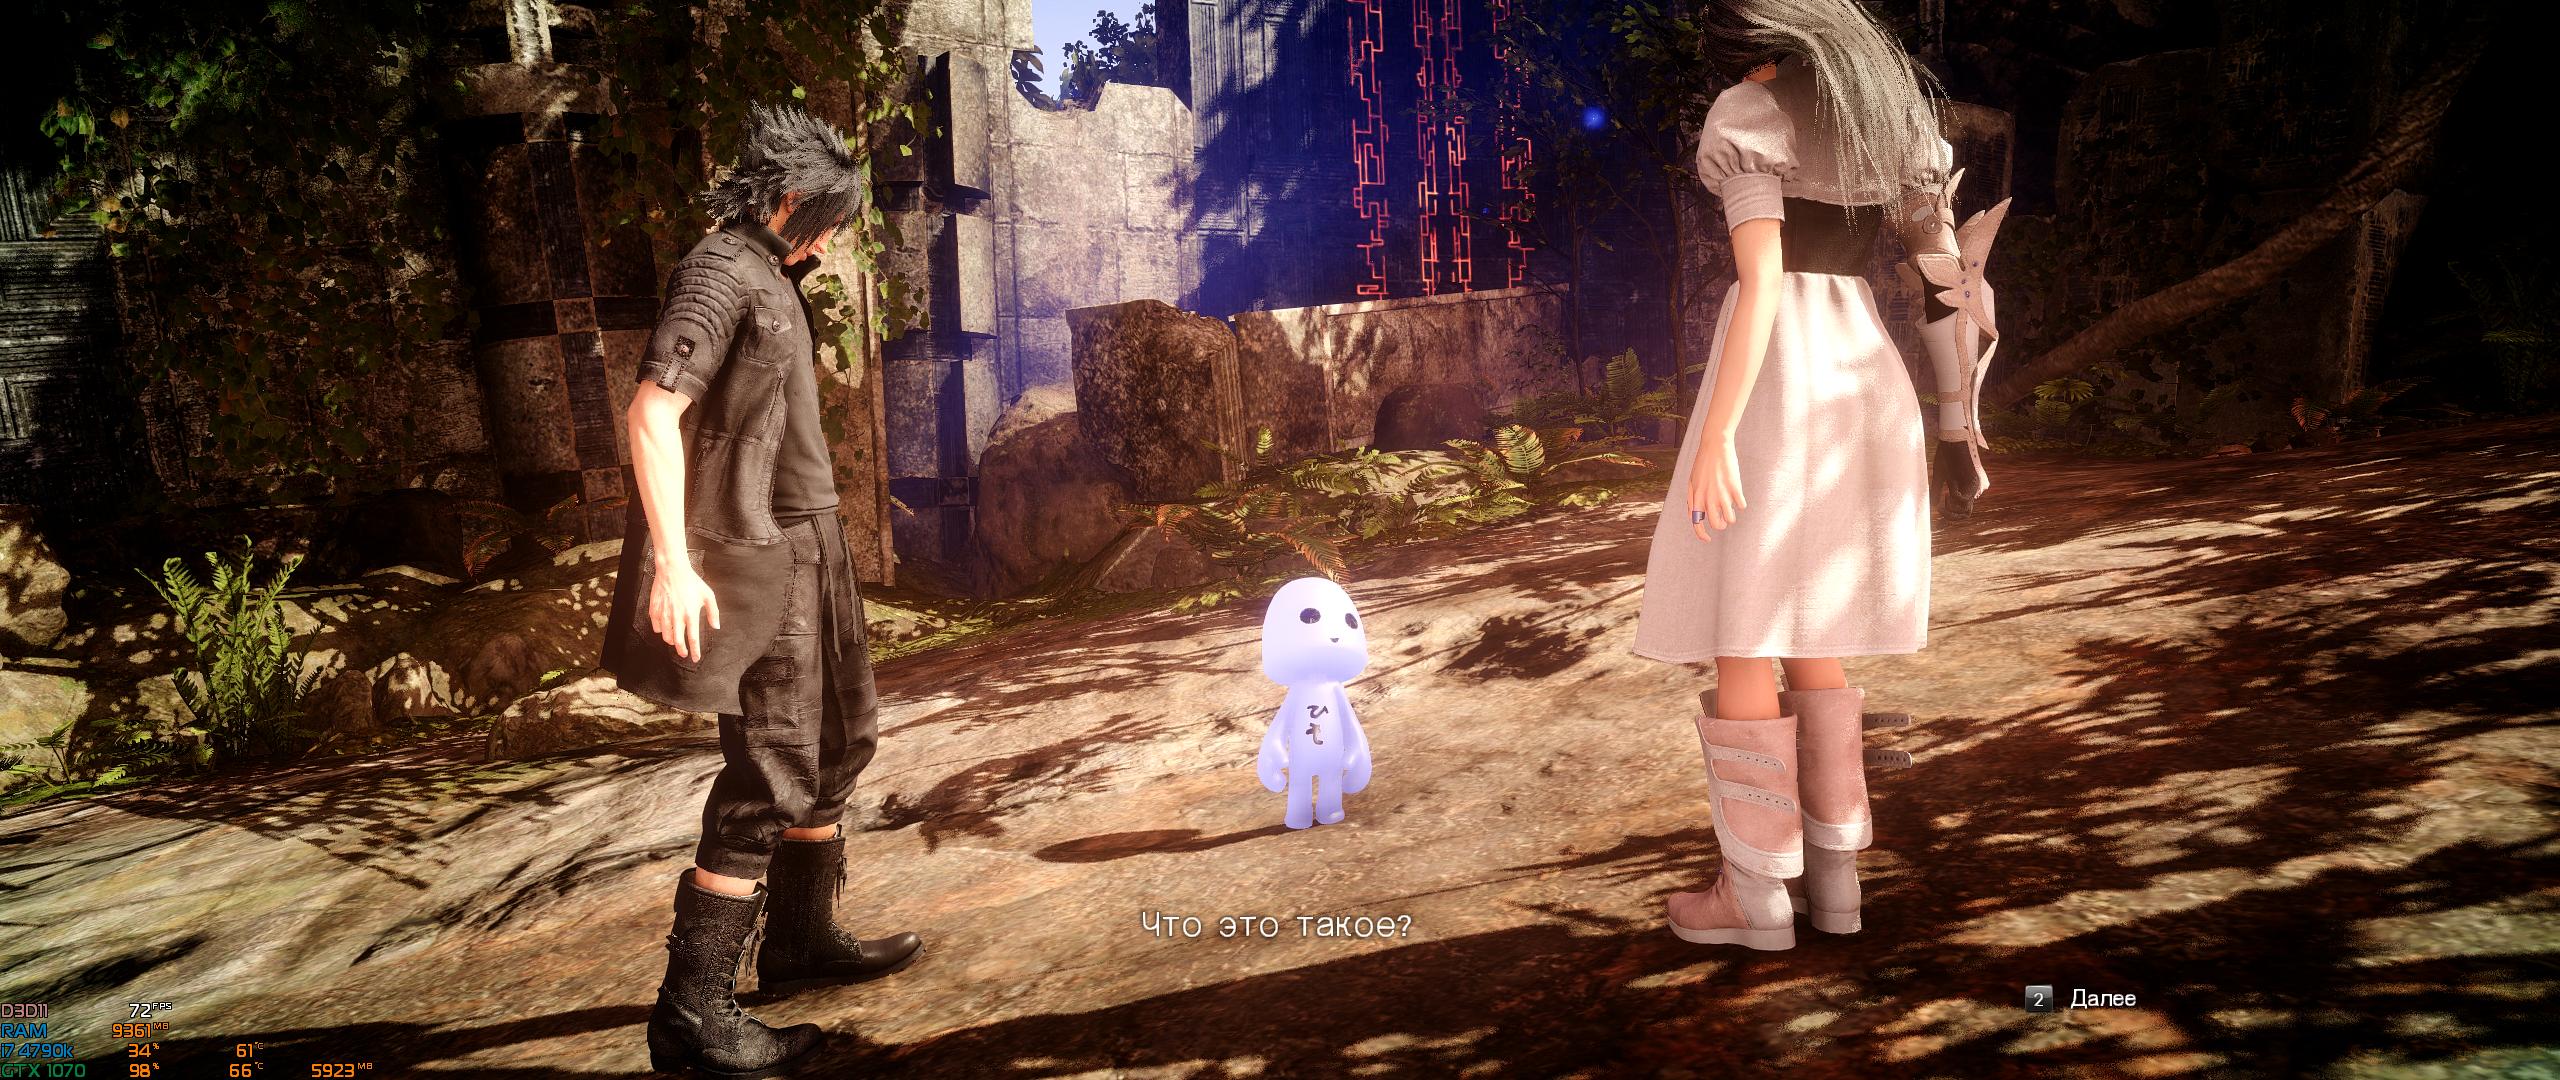 Final Fantasy XV Windows Edition Screenshot 2019.06.24 - 16.10.04.58.png - Final Fantasy 15